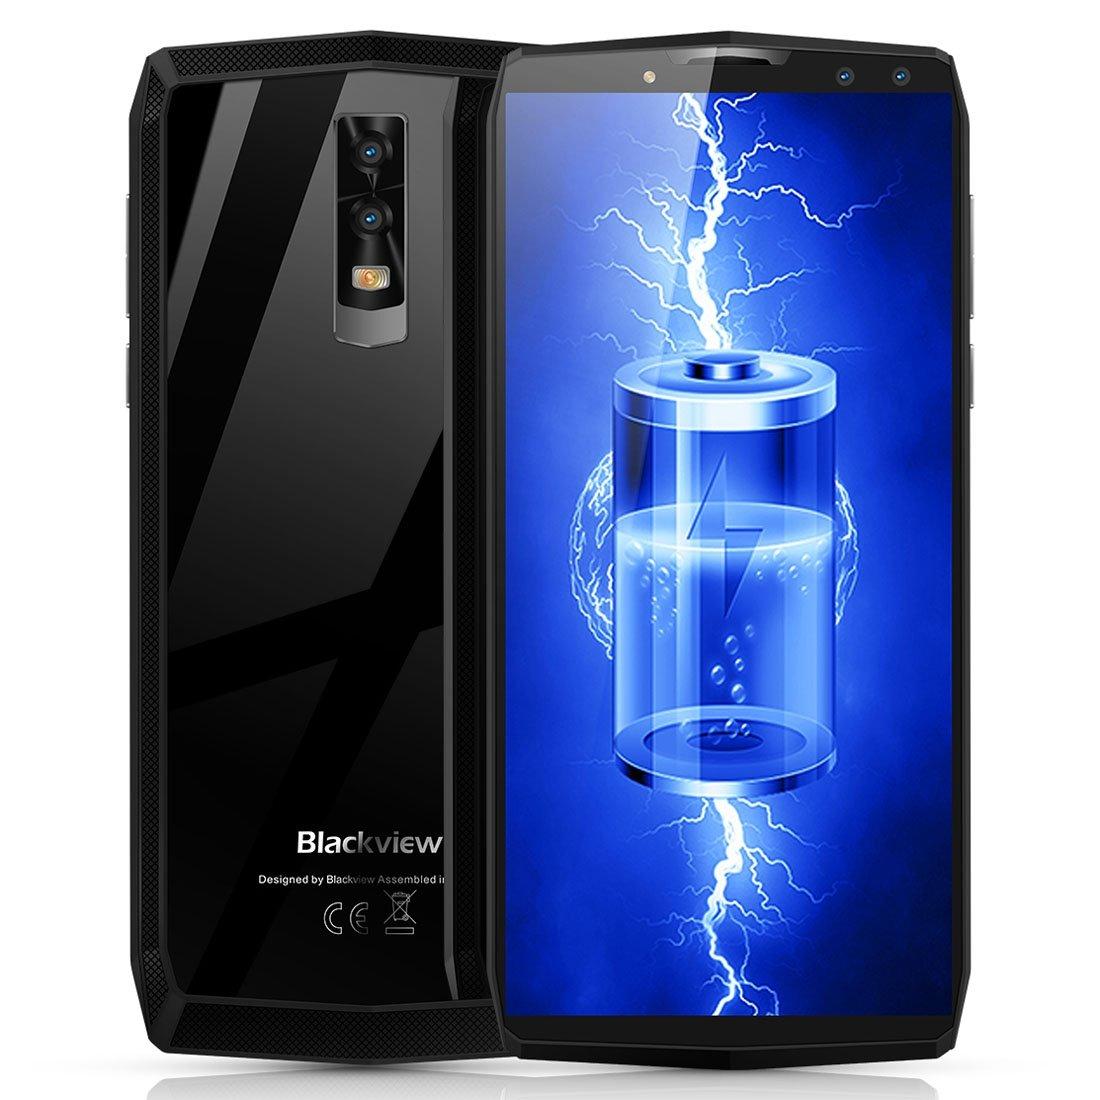 Blackview P10000 Pro 11000mAh Battery